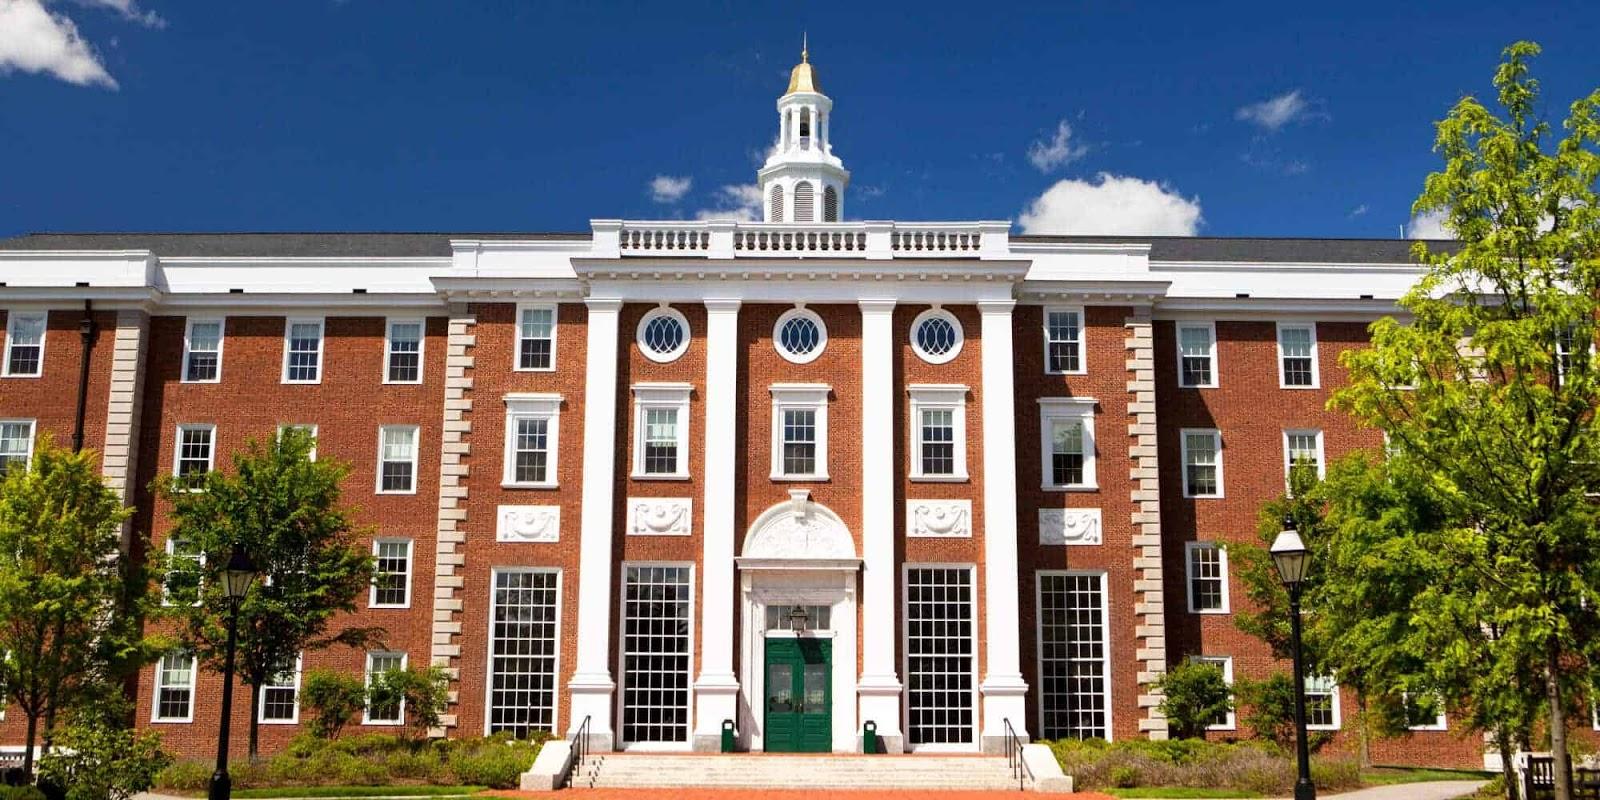 جامعة هارفارد: معلومات عنها وتاريخها وتصنيفها وكلياتها